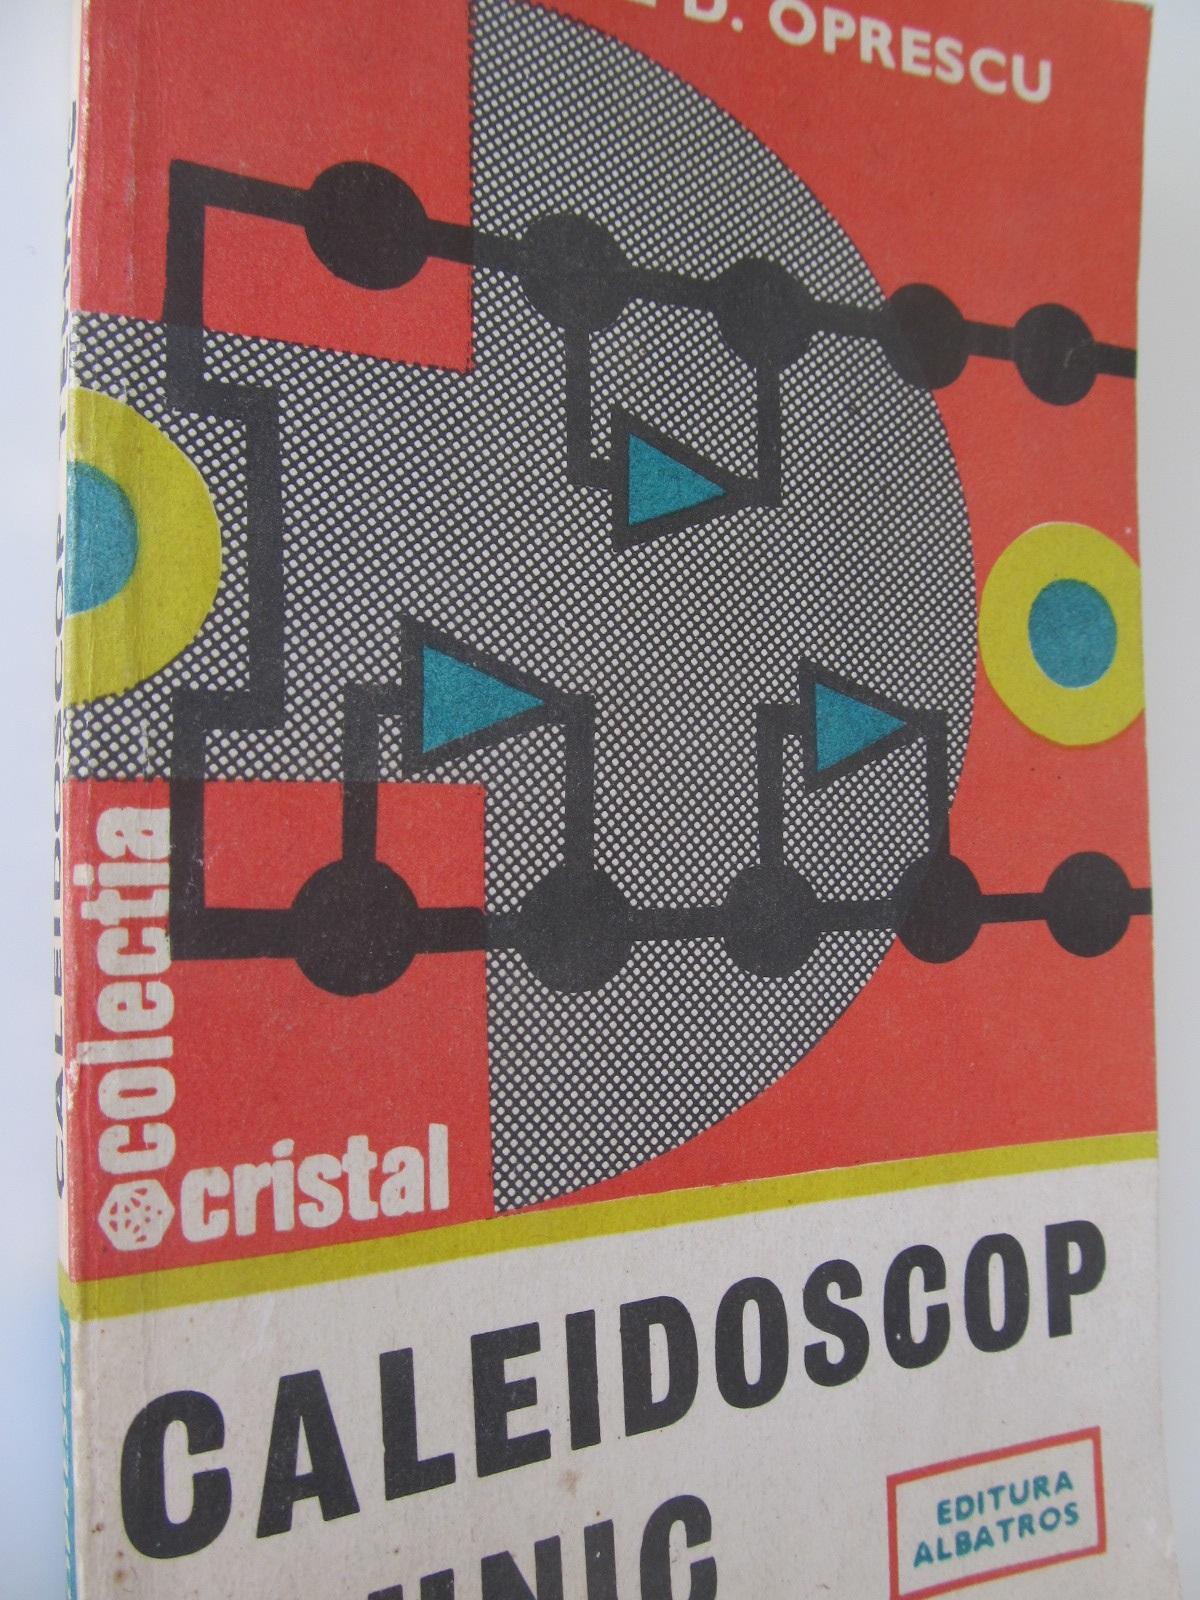 Caleidoscop tehnic - George G. Oprescu | Detalii carte